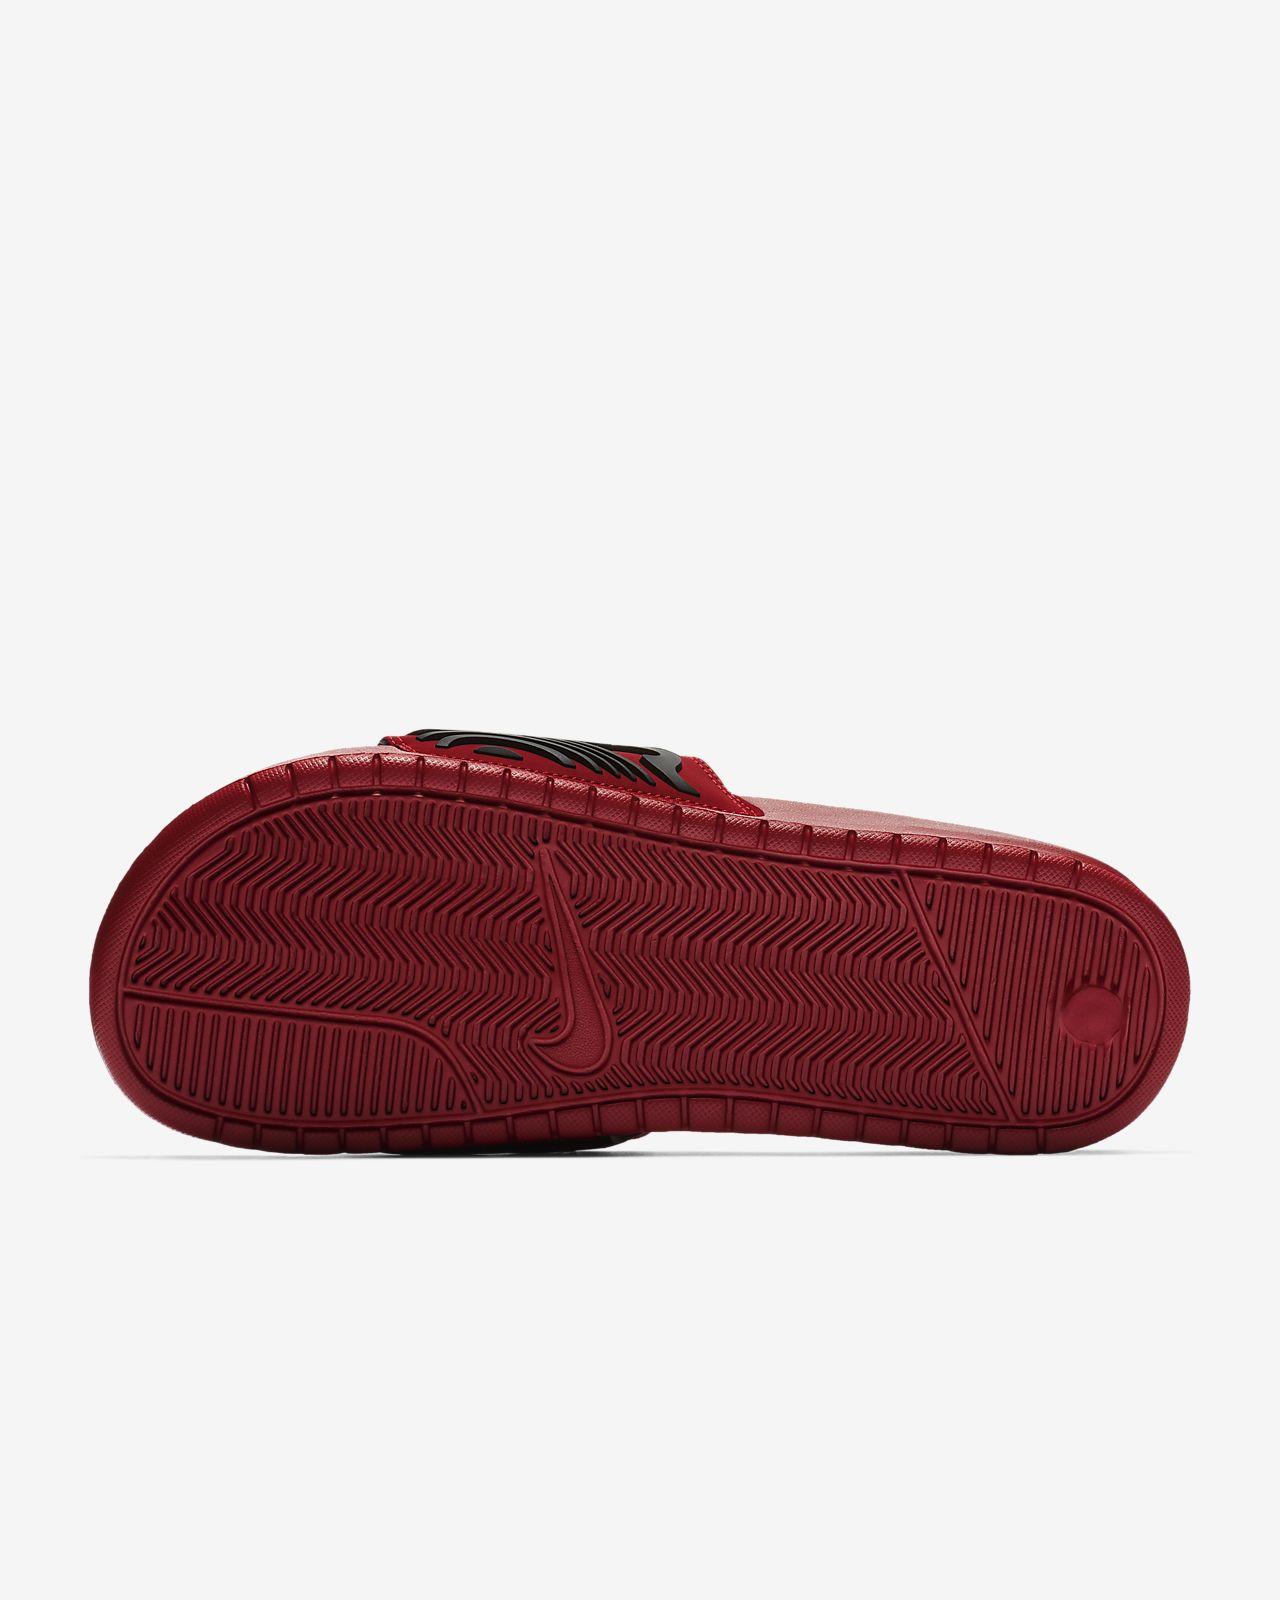 7bfaa15dcb6 Nike Benassi JDI SE Men s Slide. Nike.com AU